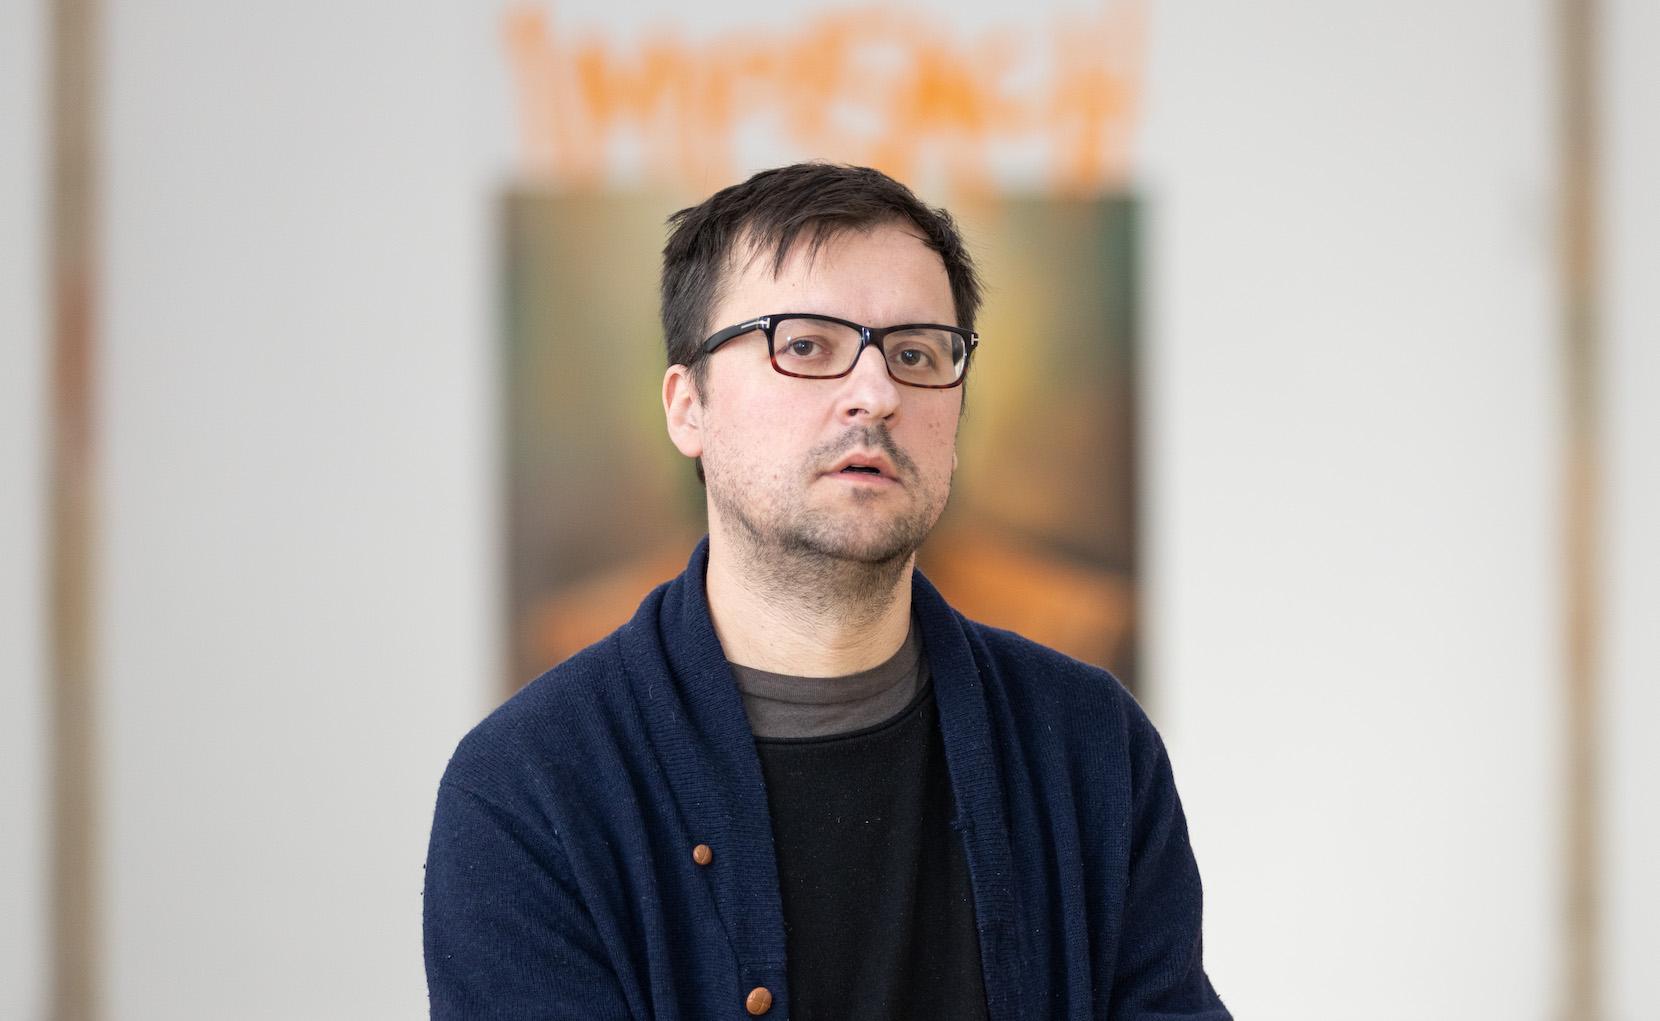 Filip Markiewicz | Celebration Factory, Exhibition View, Kunsthalle Osnabrück, 2019/20. Photo Courtesy: Friso Gentsch Kunsthalle Osnabrück